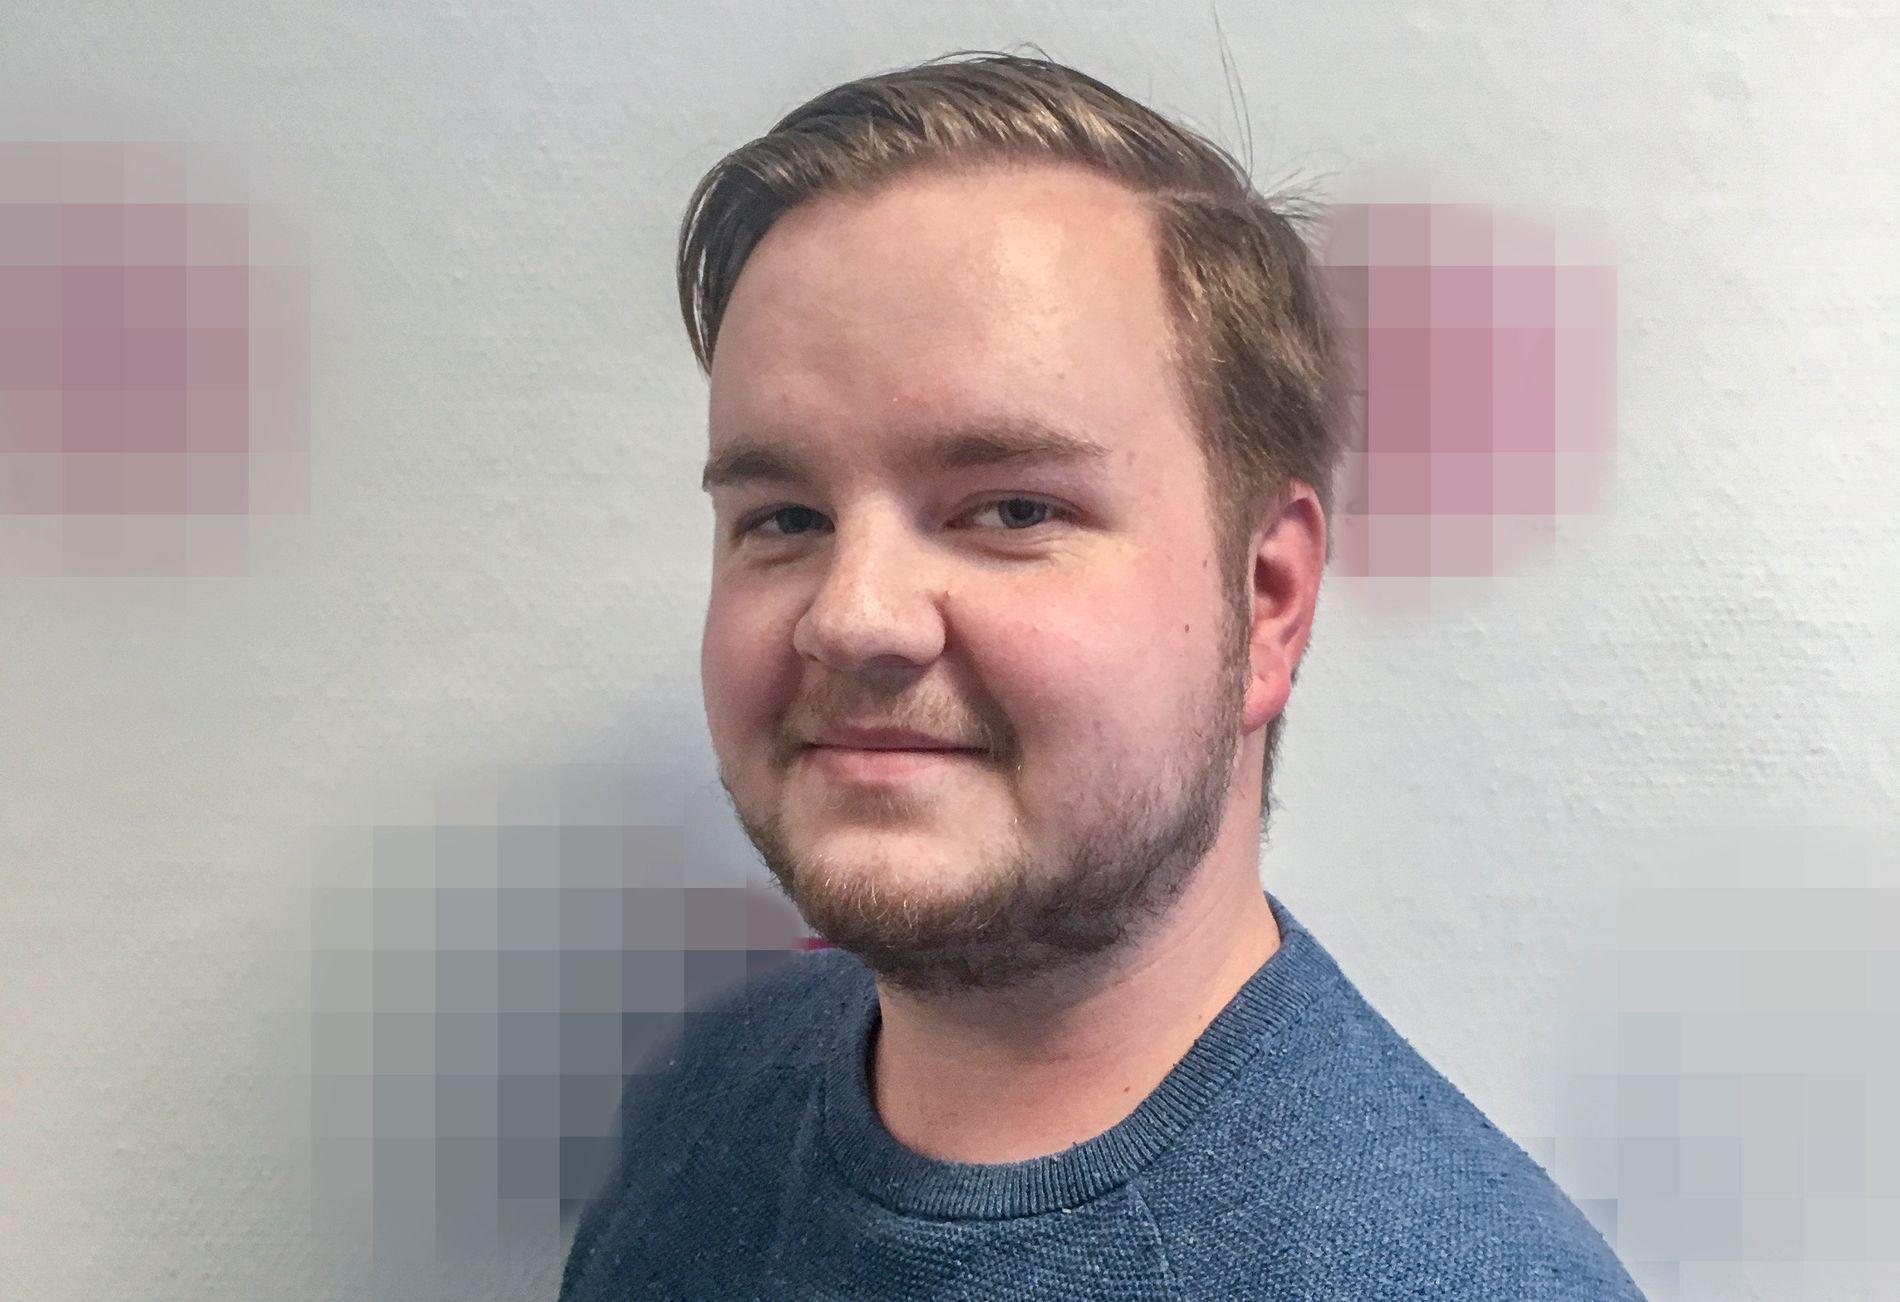 MISTET LIVET: Heikki Bjørklund Paltto (24) ble drept i sin egen leilighet, mandag 15. oktober. Politiet har etterlyst en mann som de kobler til drapet.